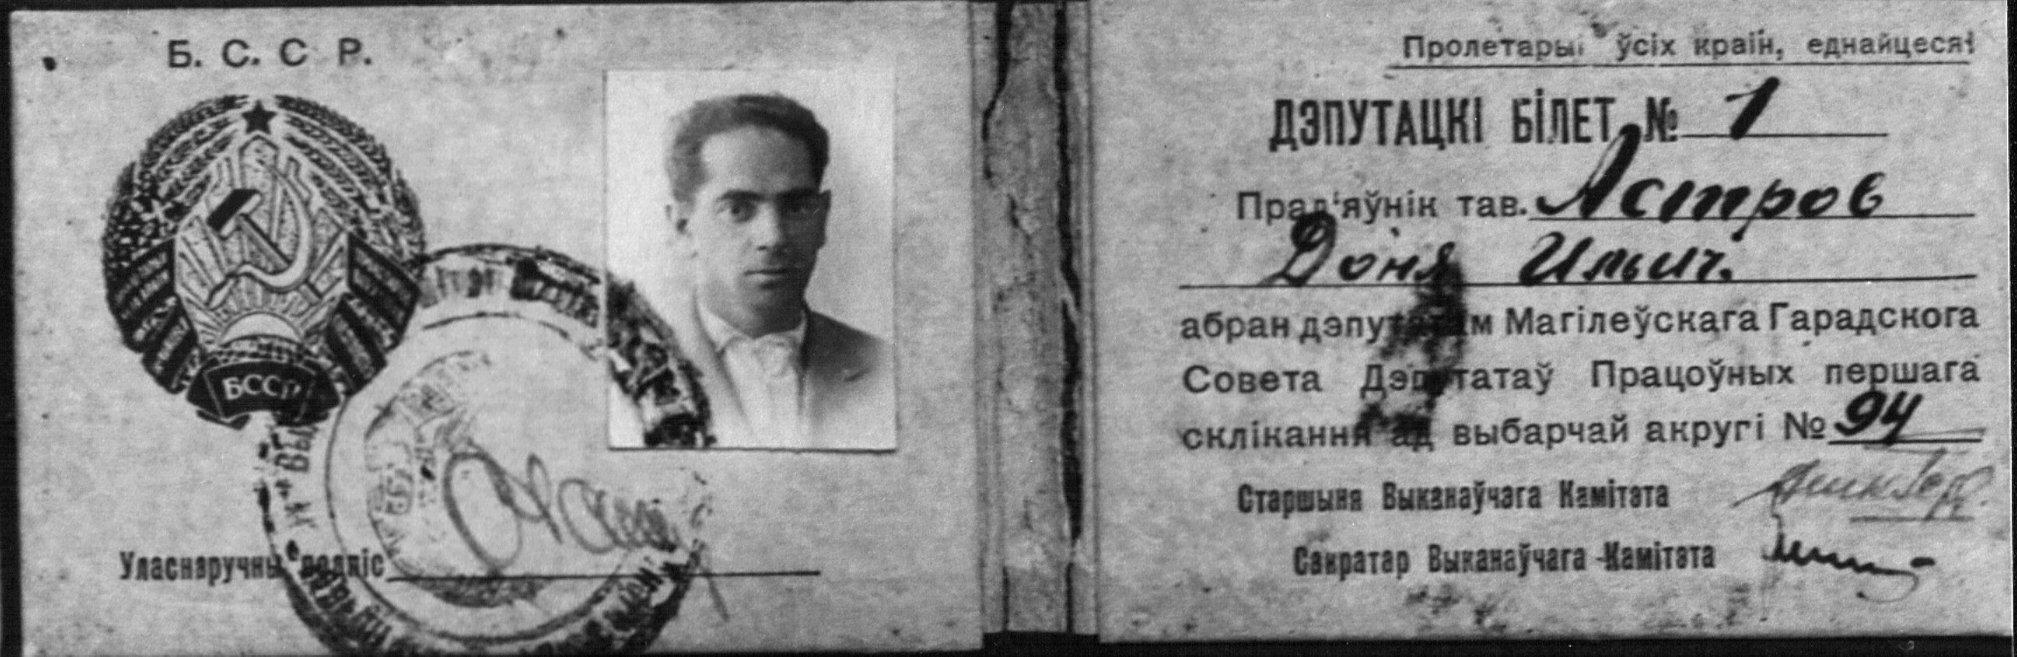 Даниил Астров-1